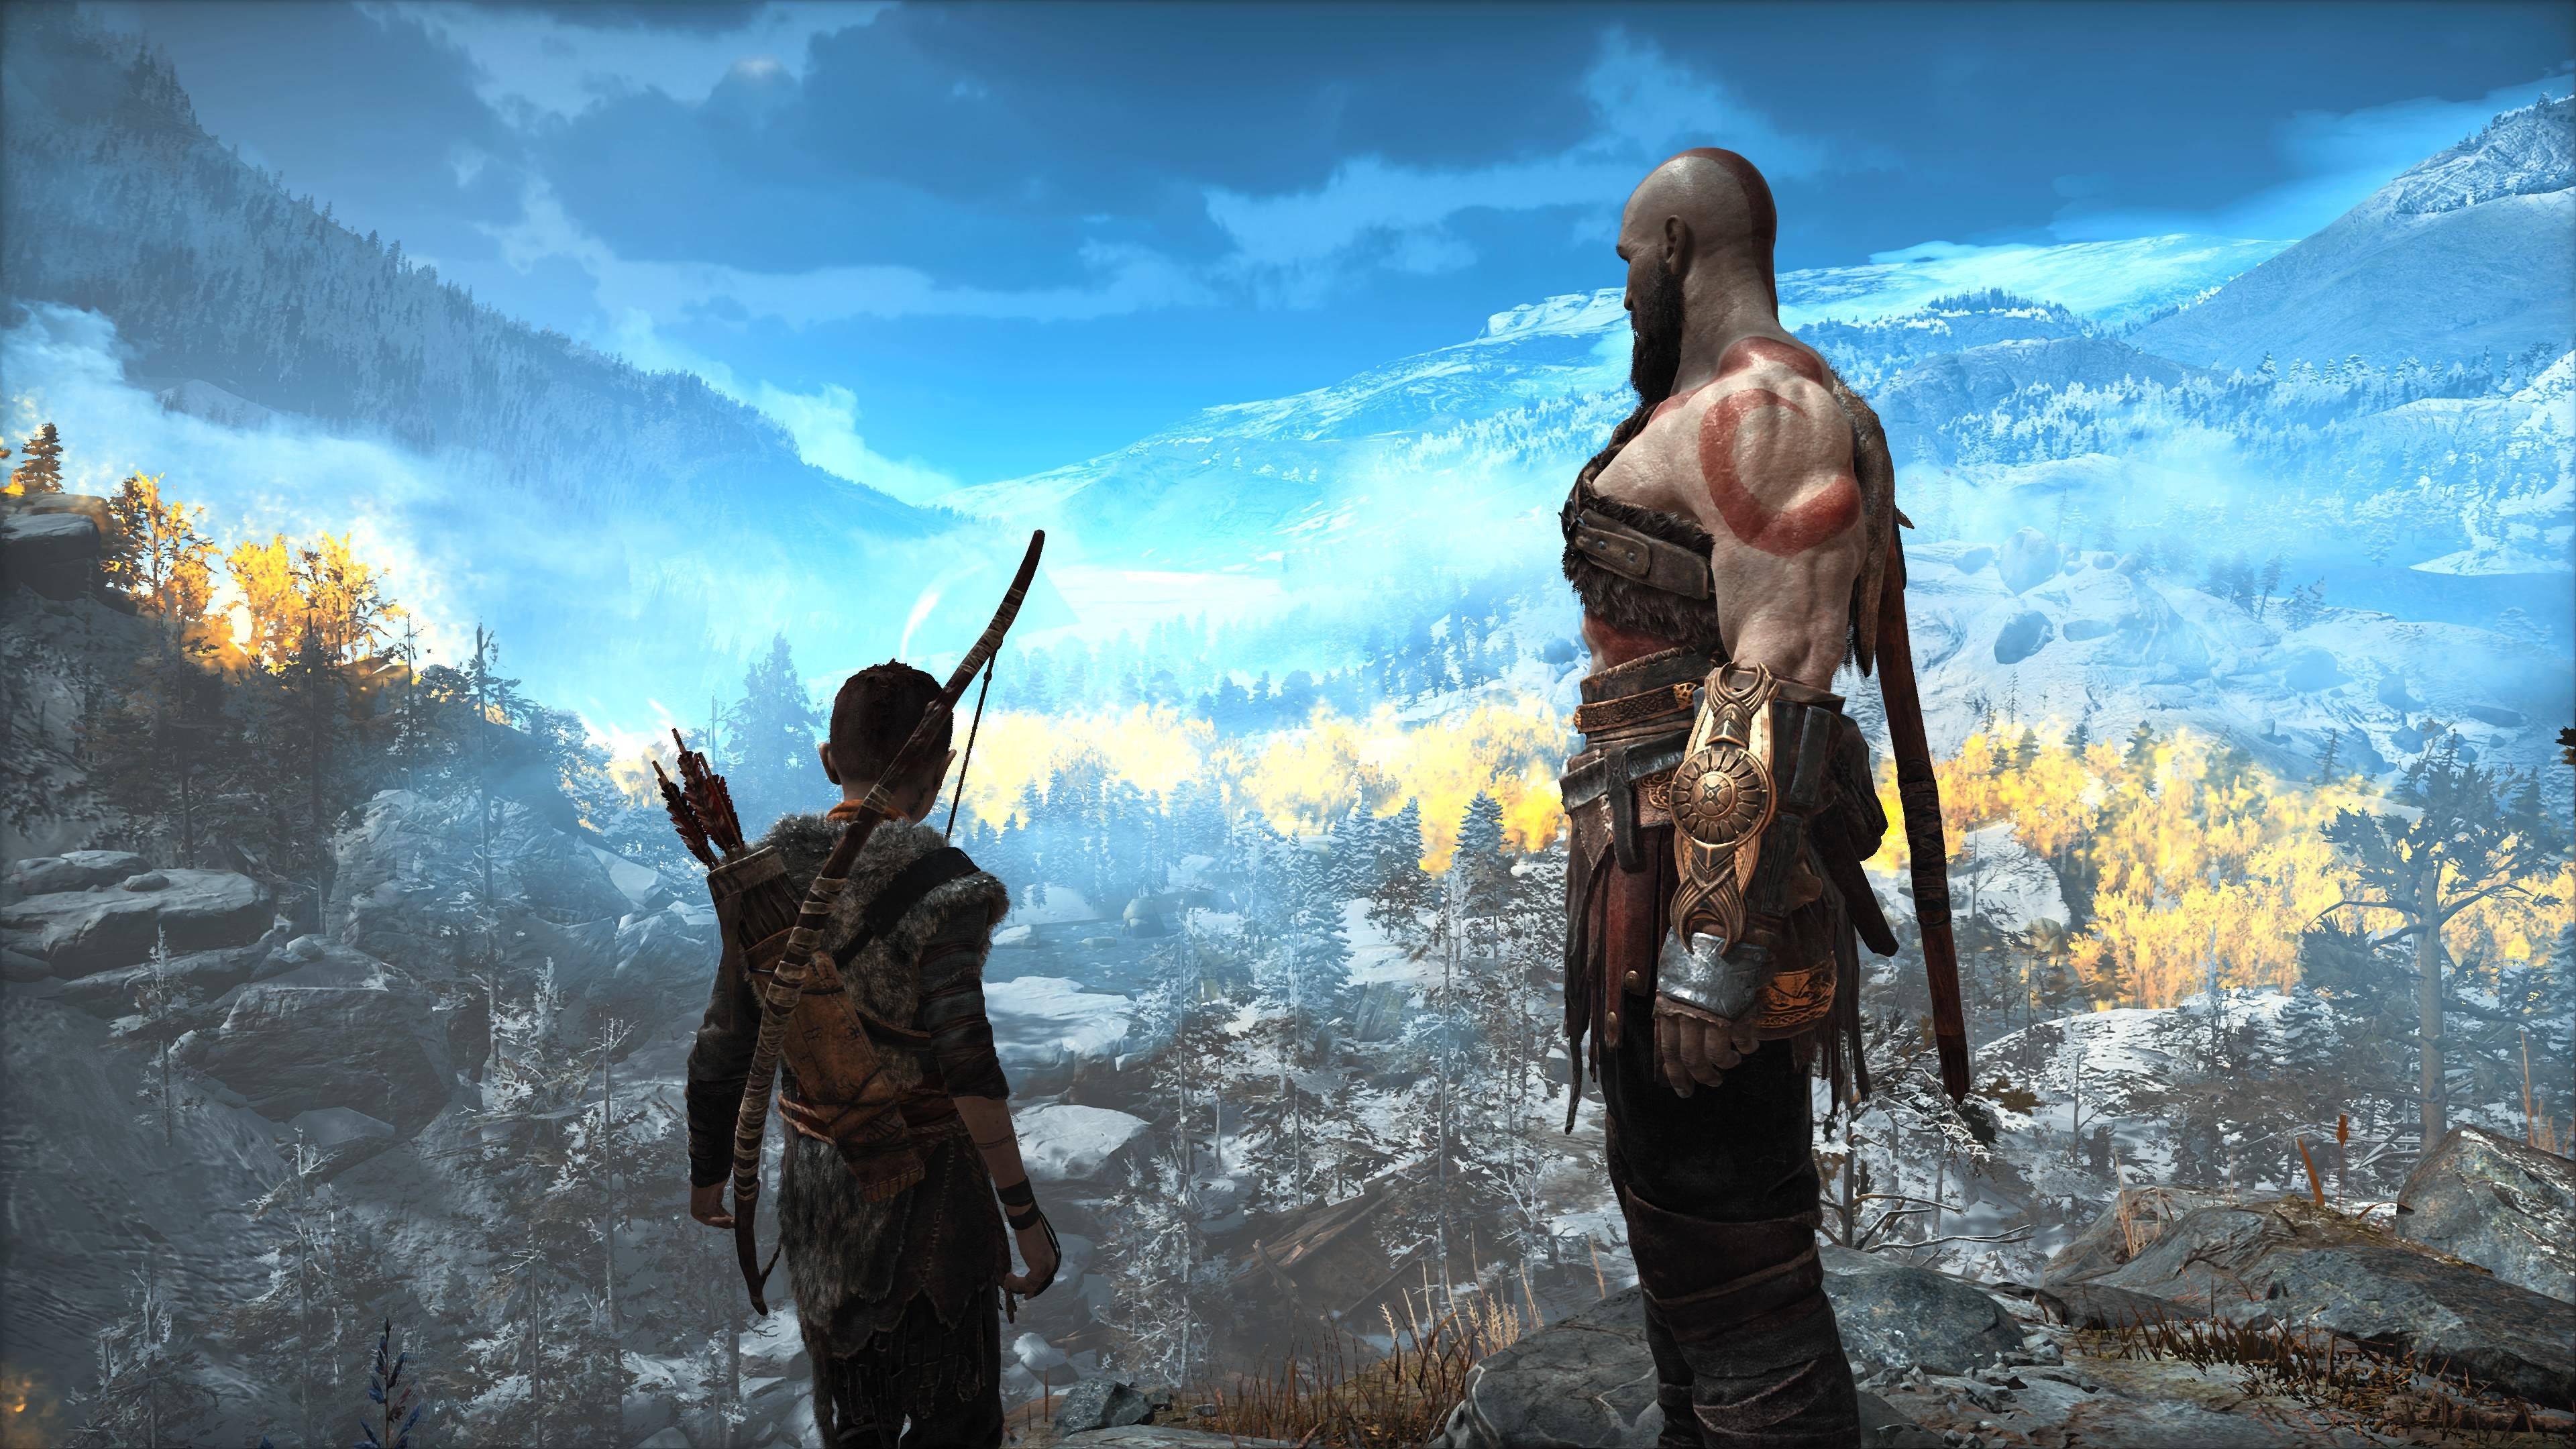 4k God Of War 4 Hd Games 4k Wallpapers Images Backgrounds